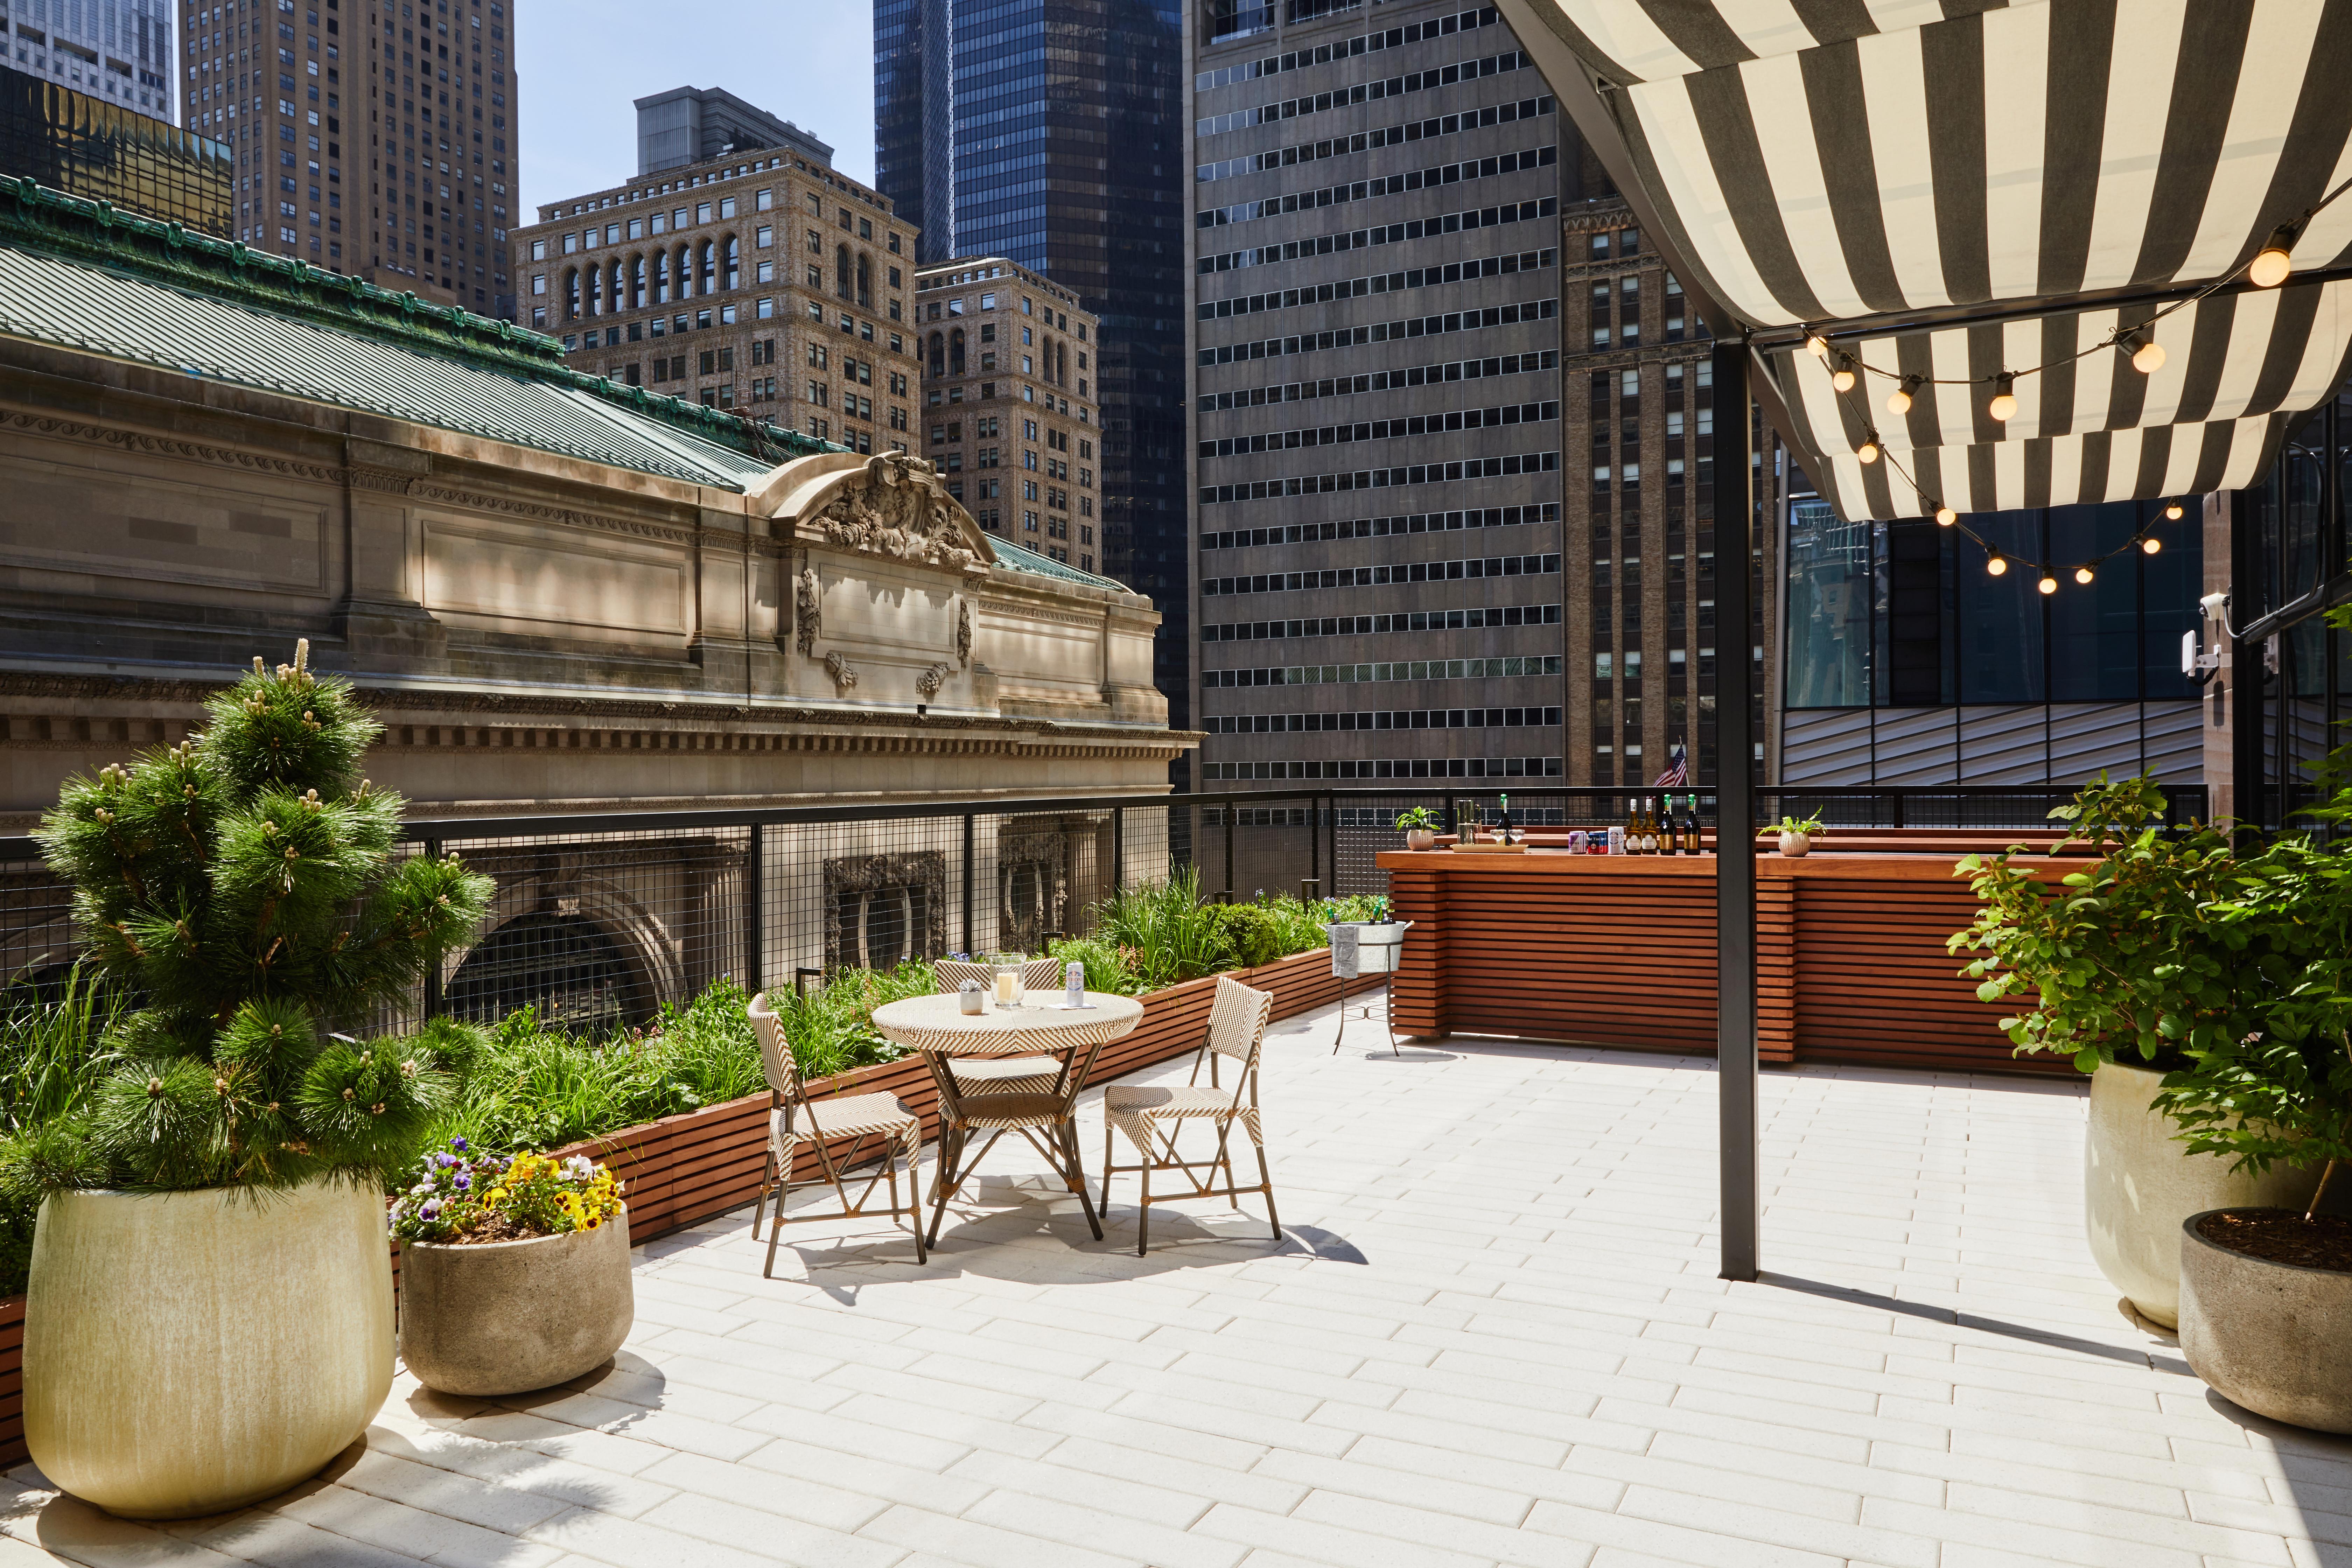 Company's terrace